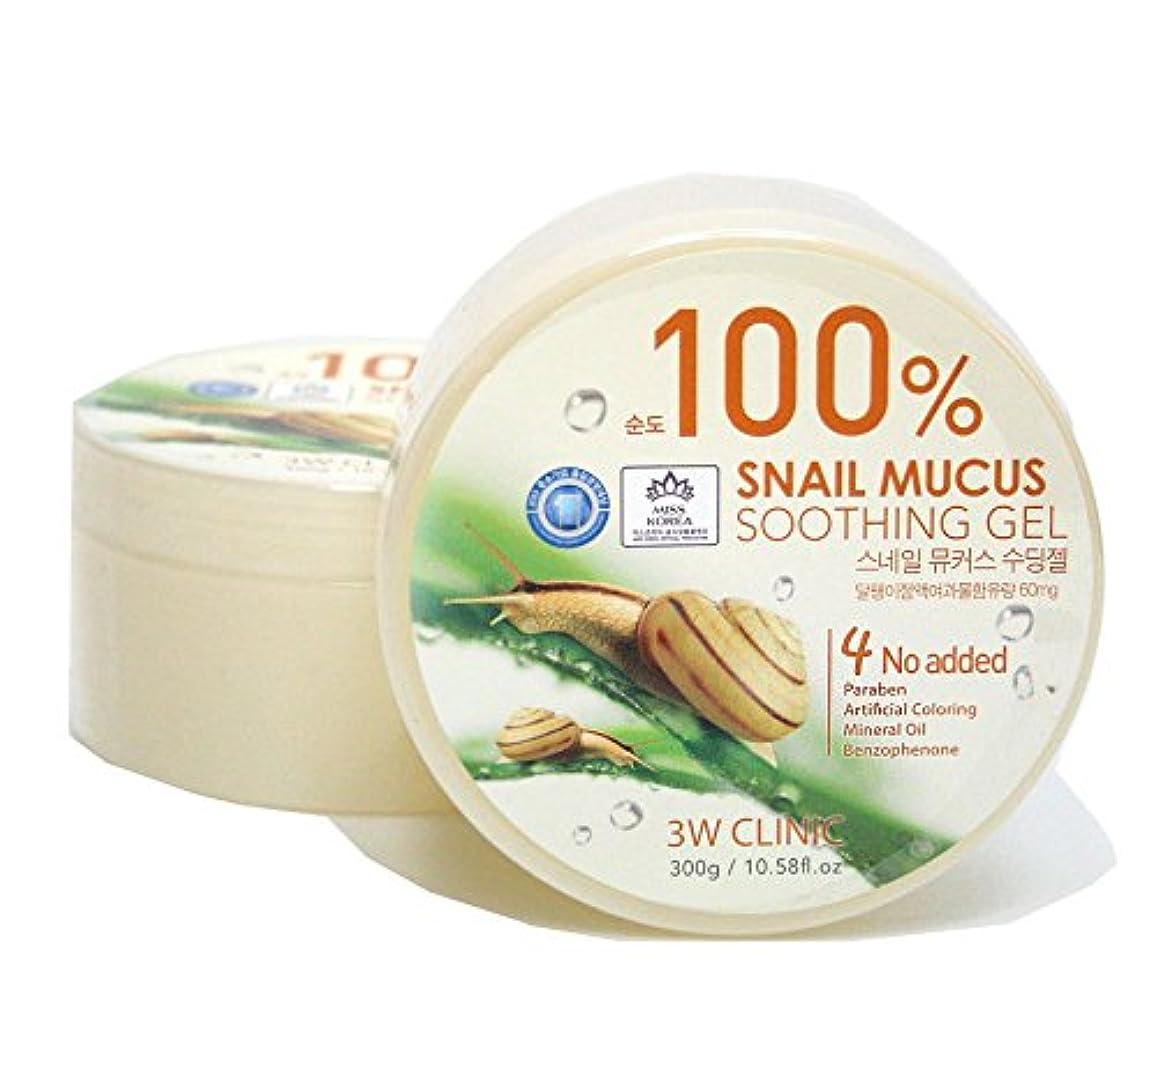 ショットセグメント驚くばかり[3W CLINIC] カタツムリ粘液スージングジェル300g / Snail Mucus Soothing Gel 300g / 水分/オールスキンタイプ / Moisture / fresh and smooth /...